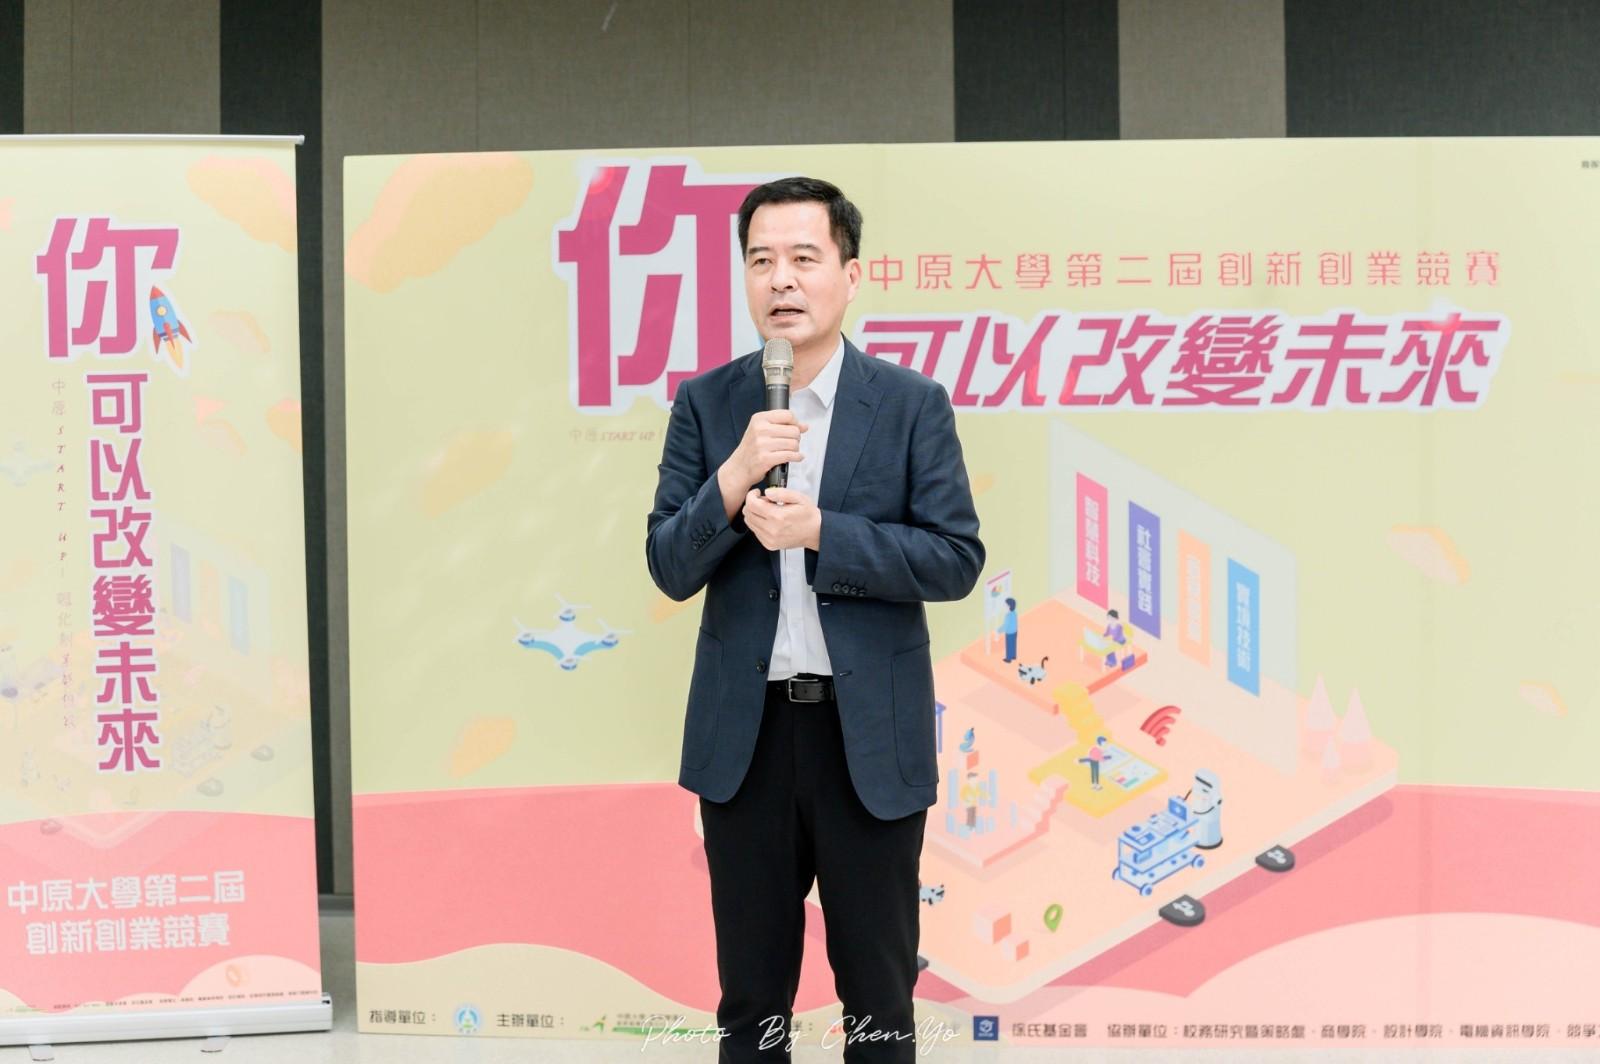 策略夥伴-培升科技服務有限公司徐培章總經理.jpg